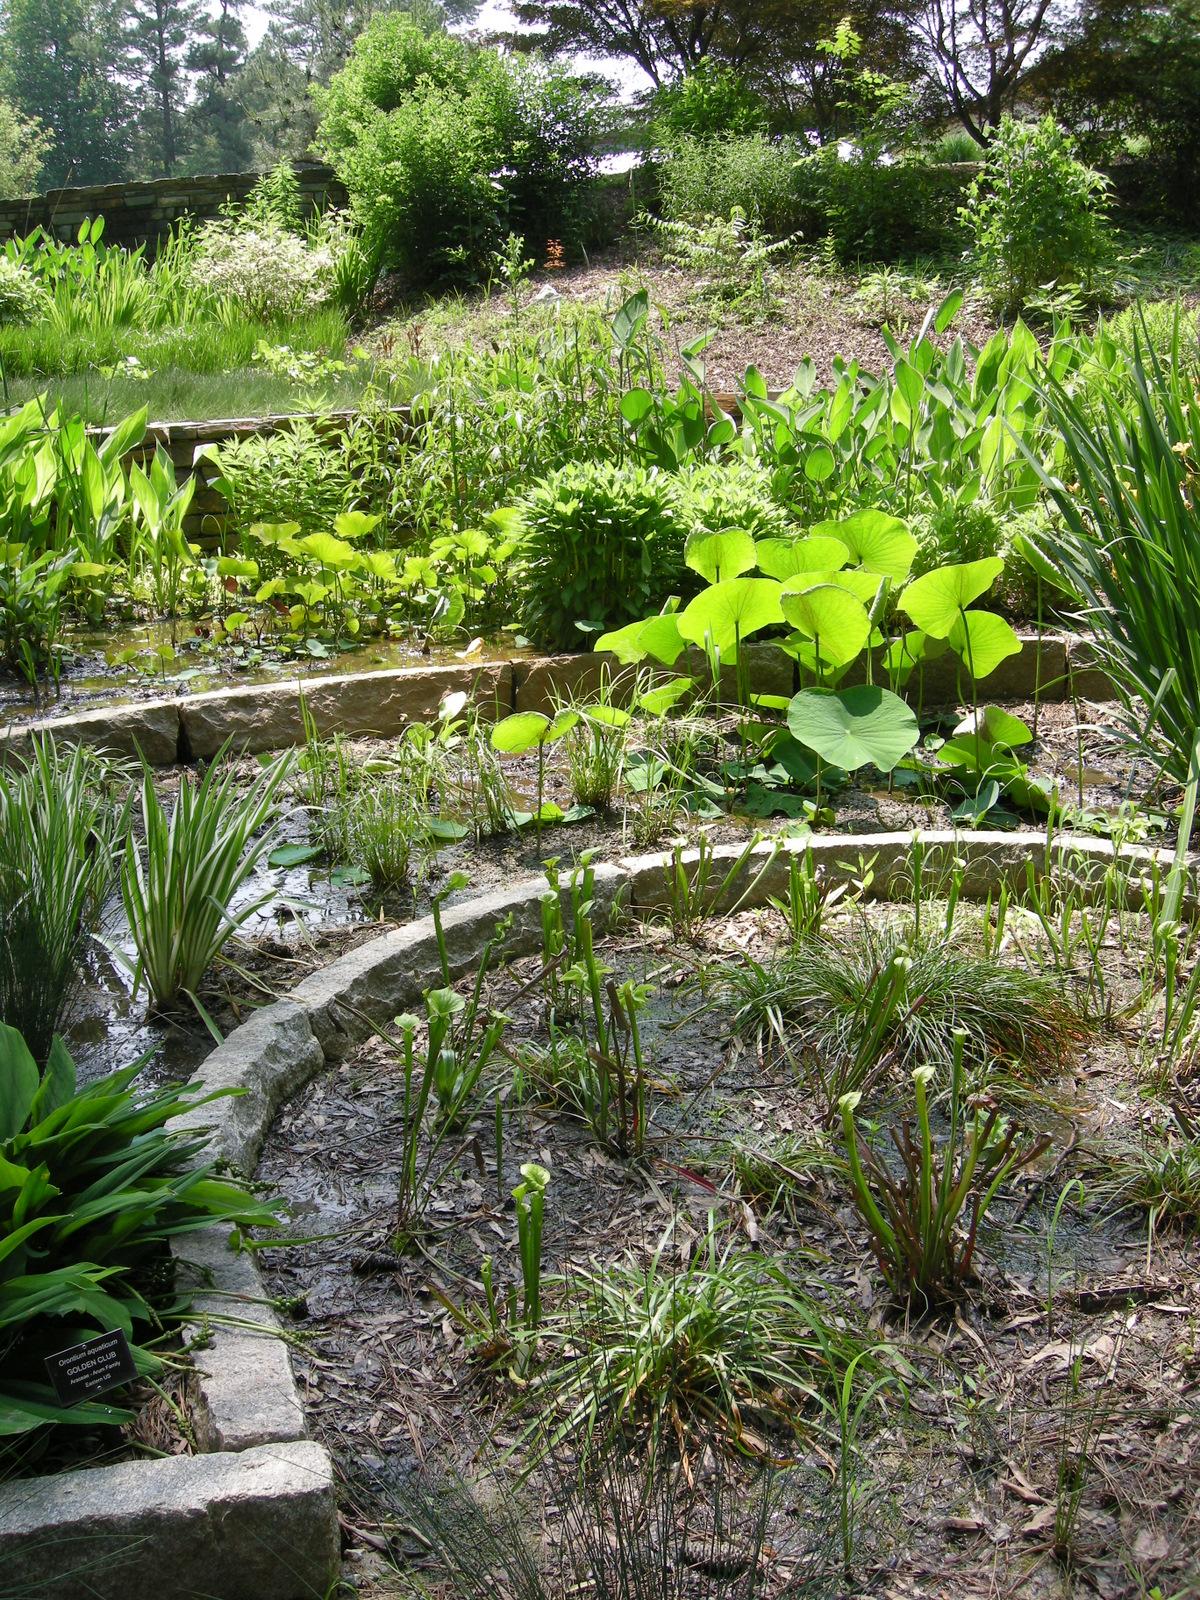 The wildlife garden in the h l blomquist garden of native plants - Next